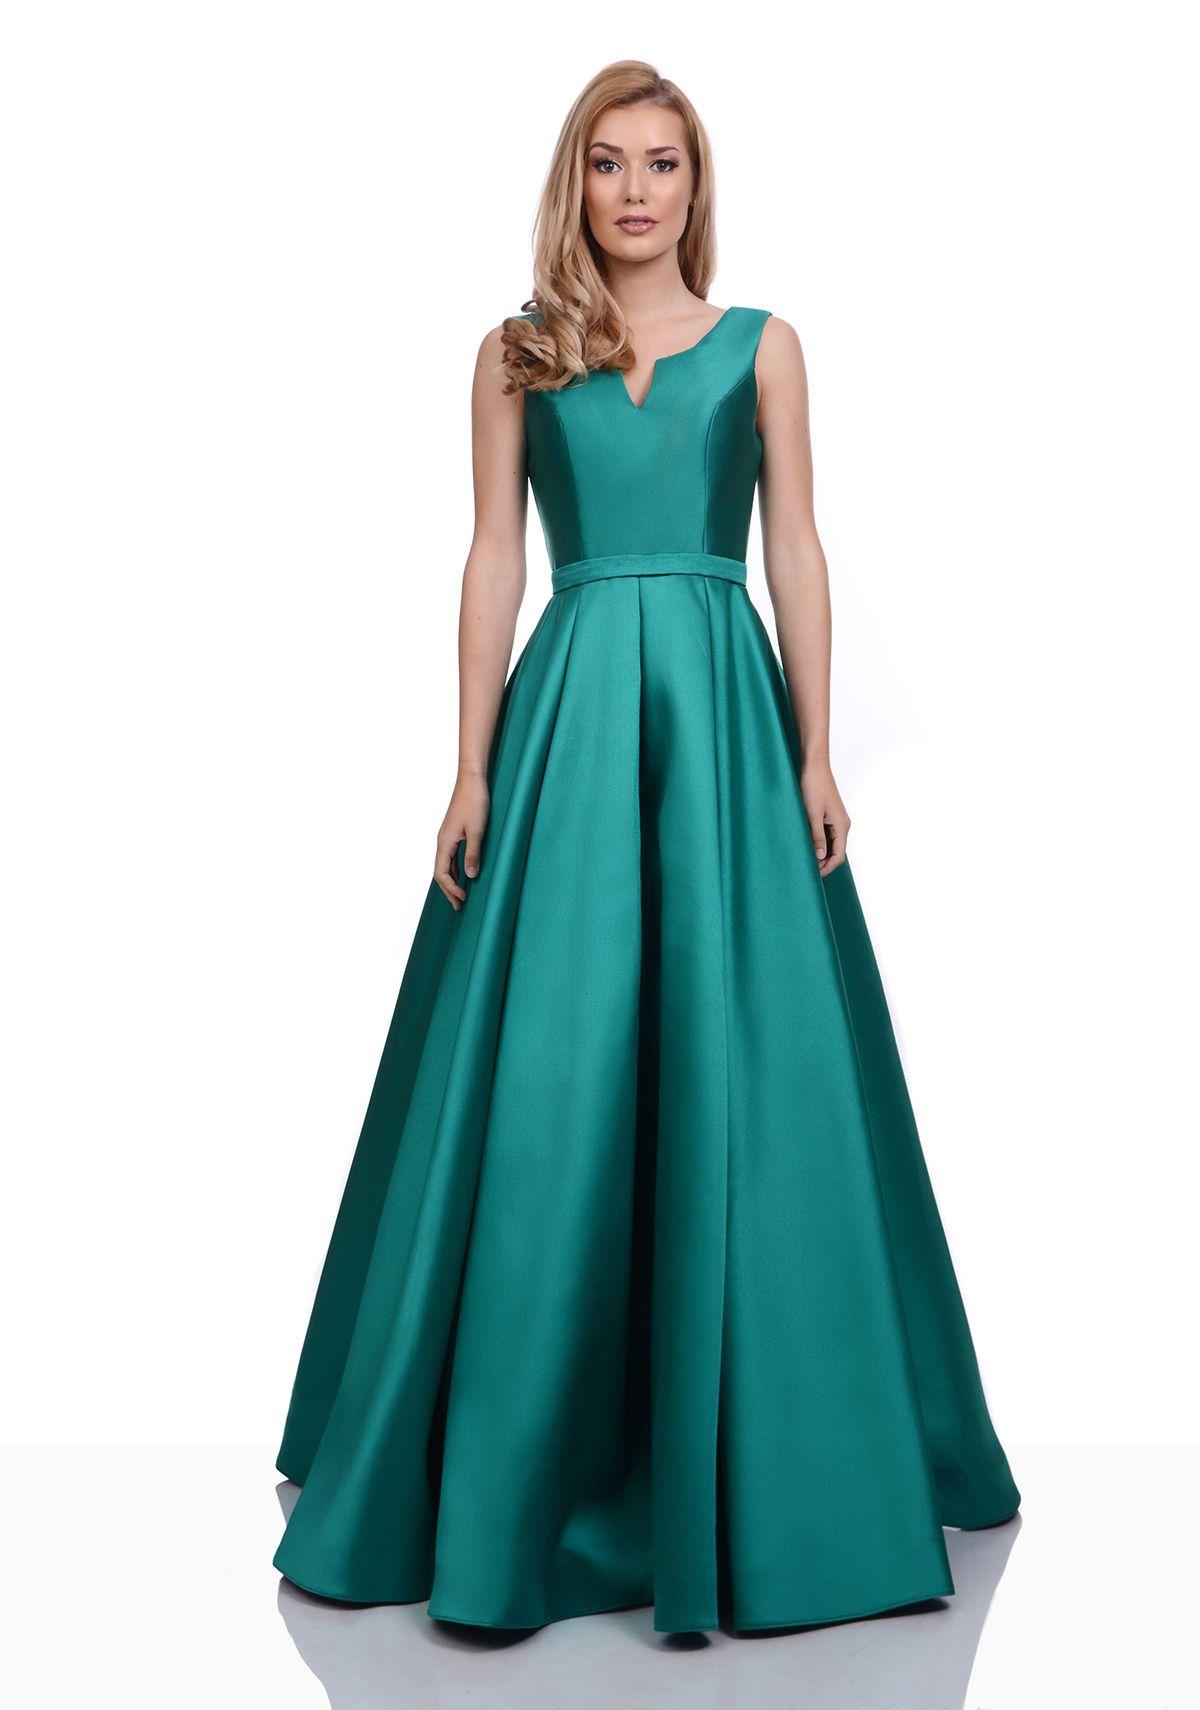 Šaty na maturitní ples  543536997a